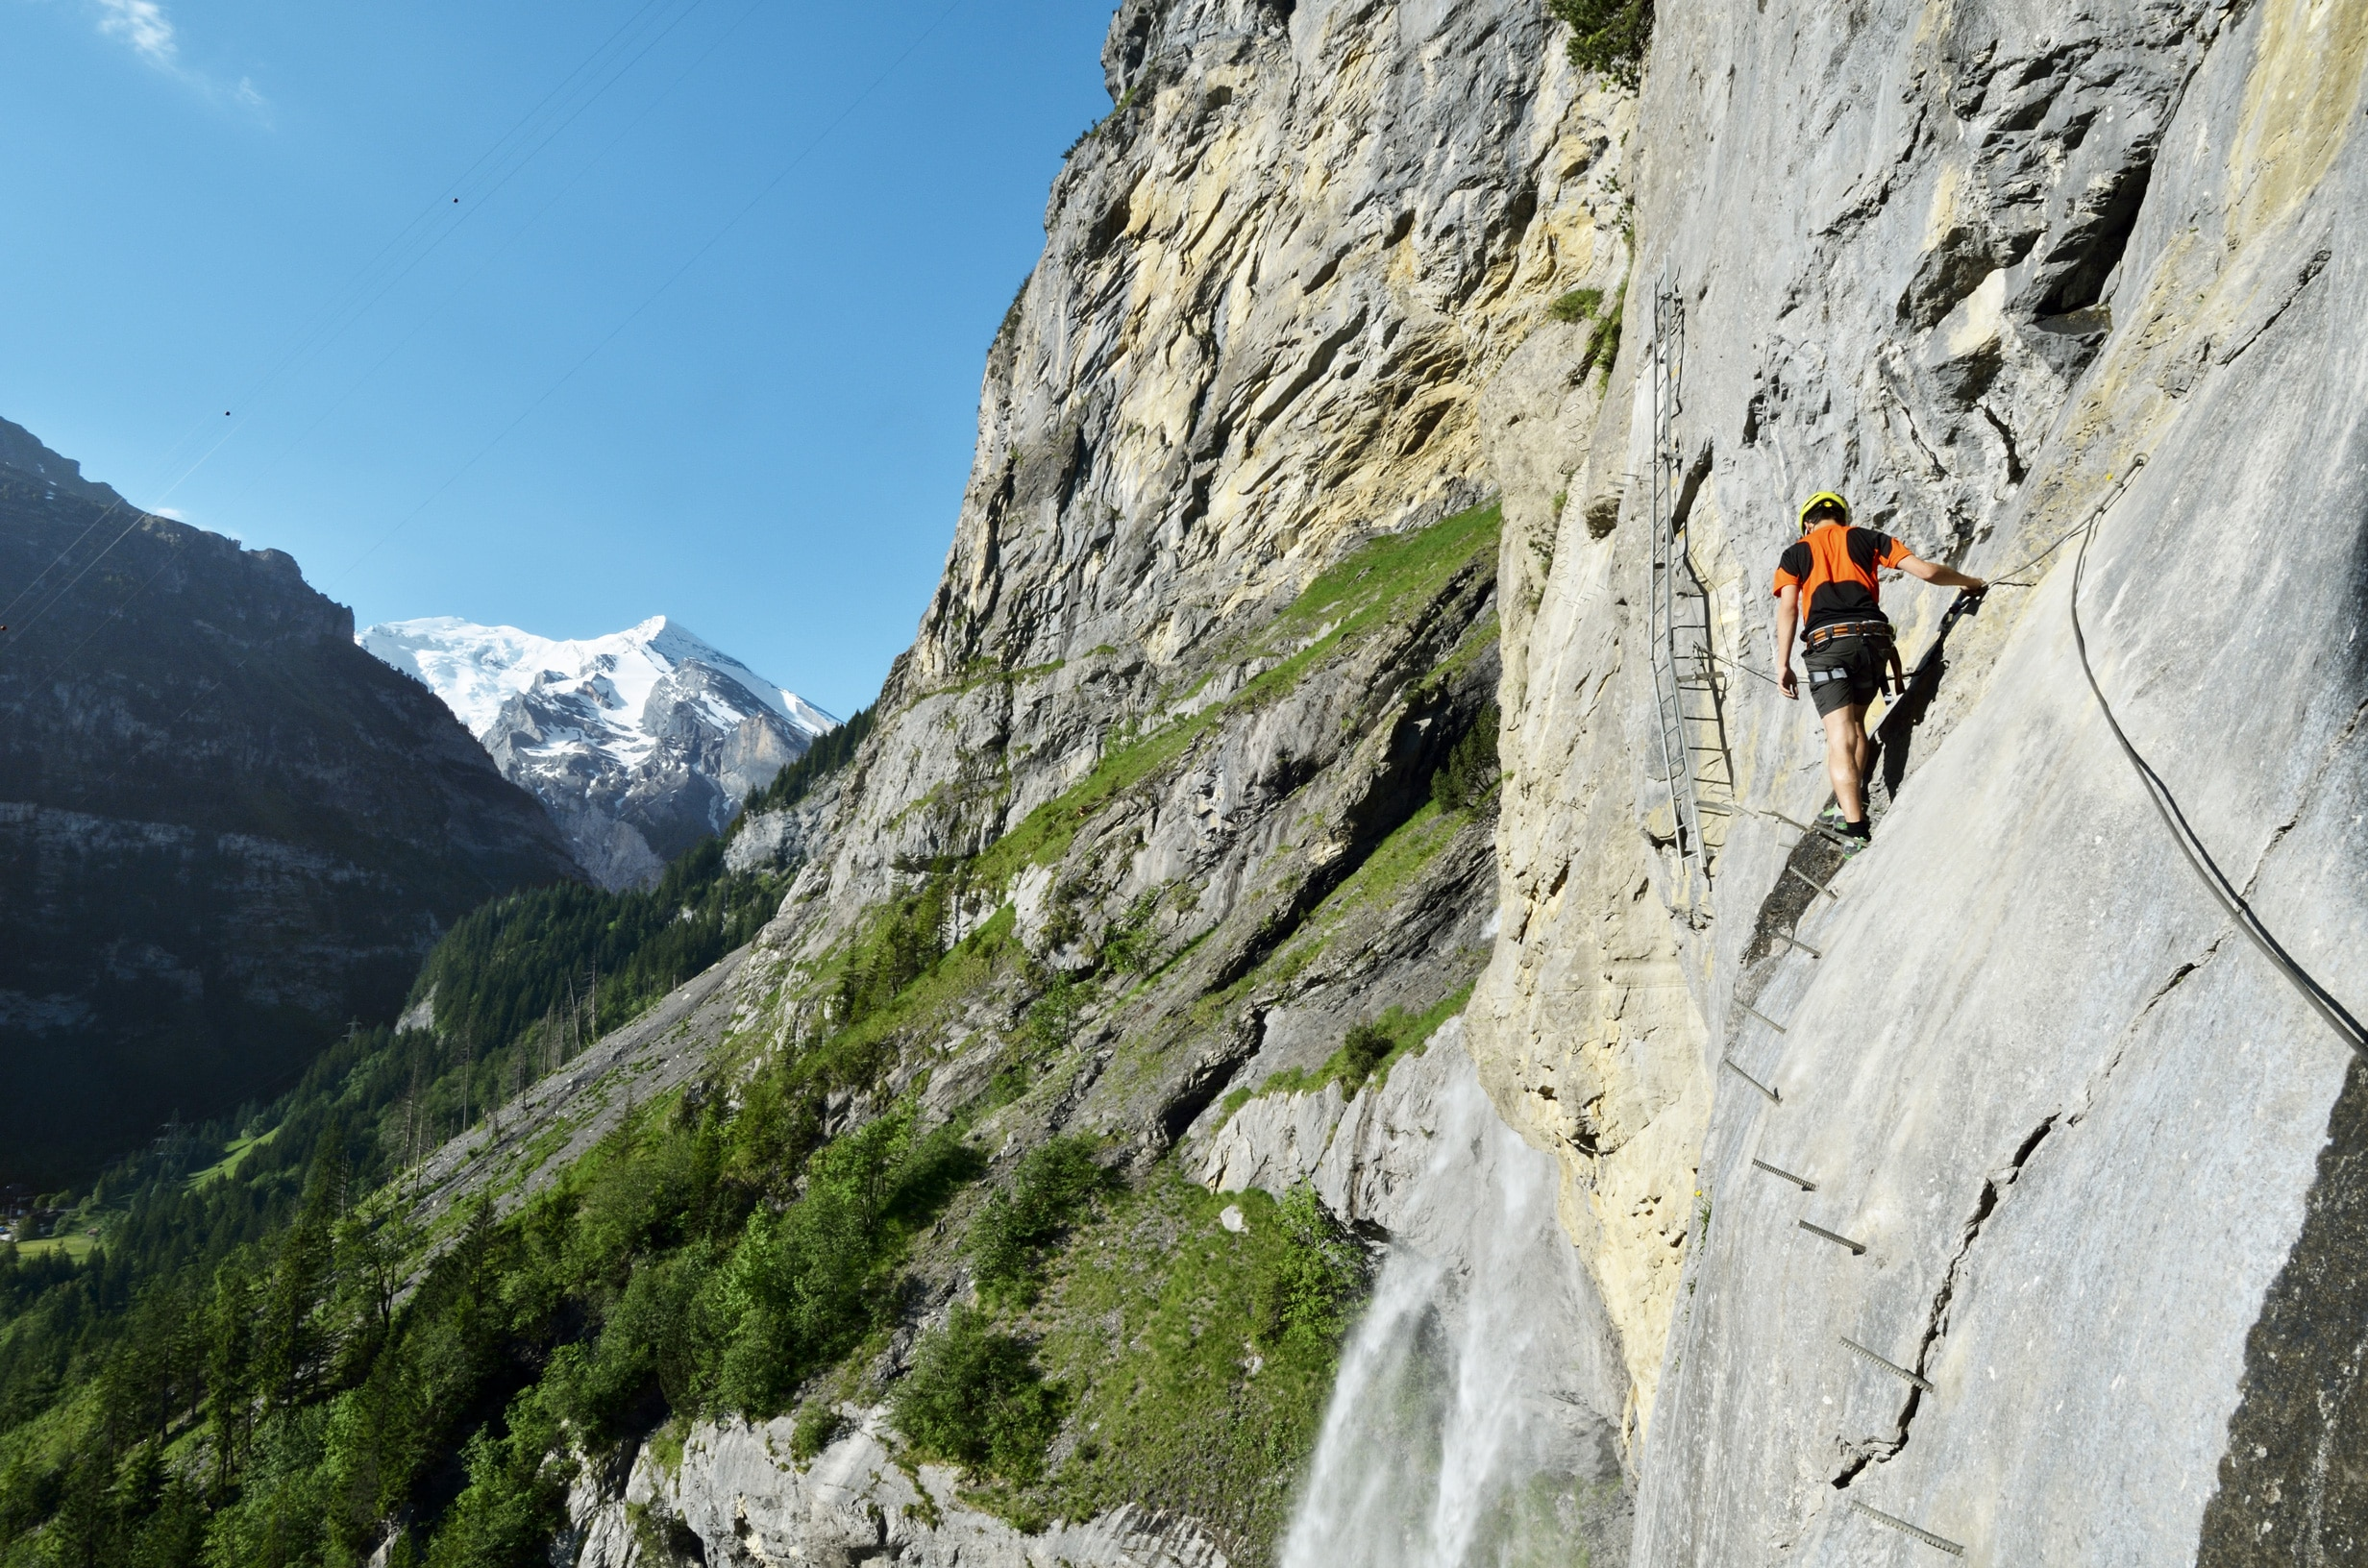 Klettersteig Innsbruck Nordkette : Klettersteig nordkette innsbrucker